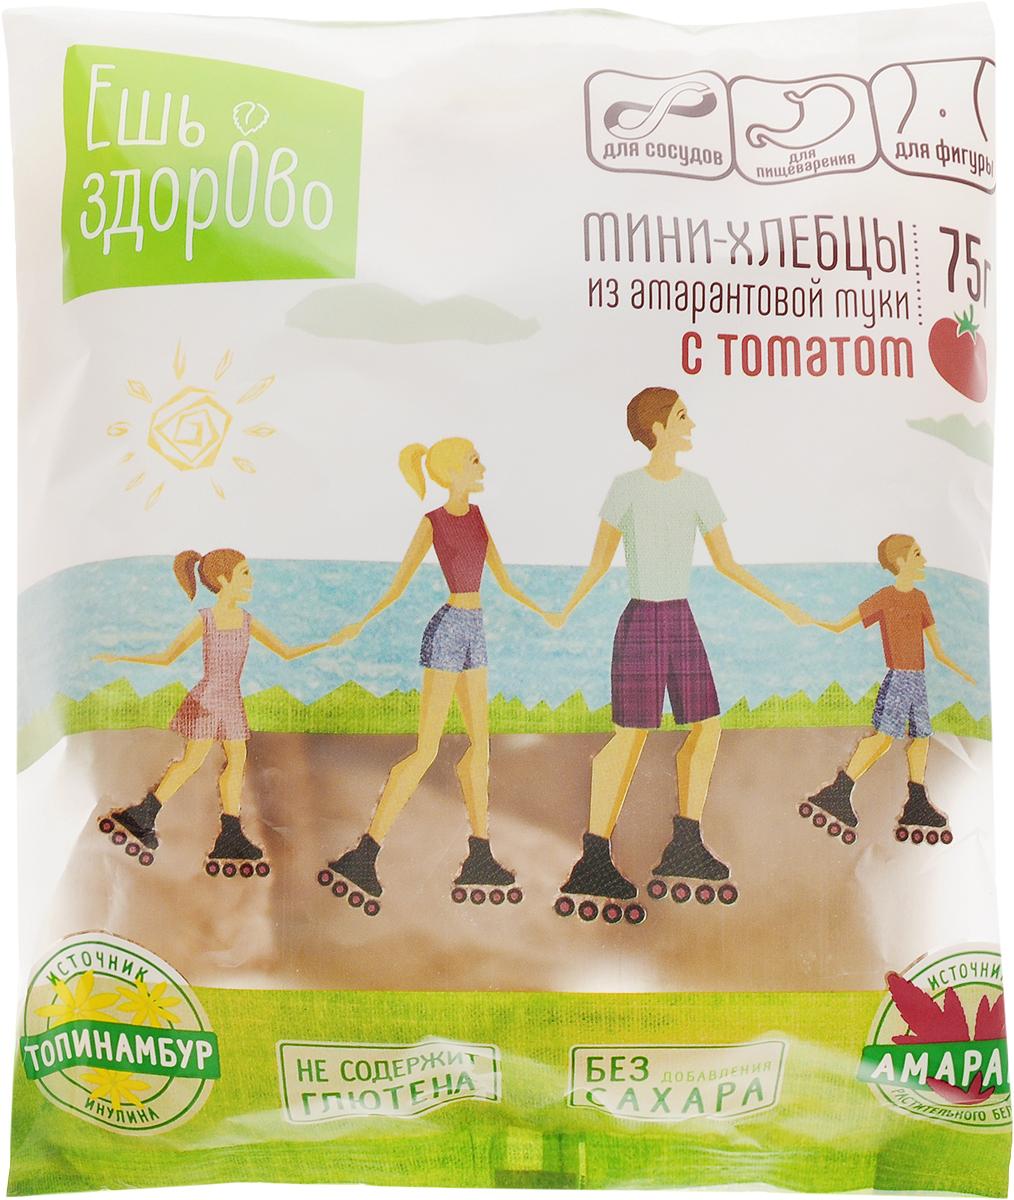 Ешь здорово мини-хлебцы с томатом, 75 г0120710Хлебцы из амарантовой муки - это продукт здорового питания.Амарант кладезь хорошо сбалансированного и легко усвояемого растительного белка, витаминов, полиненасыщенных жирных кислот омега-3 и омега-6, холина, а также триптофана, способствующего выработке гормона радости - серотонина. Именно поэтому мини-хлебцы Ешь здорово - это прекрасное дополнение к любому блюду. Особая технология производства позволяет сохранить витамины и минеральные вещества, содержащиеся в амаранте. Благодаря этому хлебцы из амарантовой муки обладают высокой питательной ценностью, не содержат глютена и являются полноценным продуктом функционального питания.Топинамбур - источник инулина, который является естественным пребиотиком и обеспечивает рост полезной микрофлоры кишечника. Является эффективным средством для профилактики и предупреждения сахарного диабета. Полезные свойства топинамбура помогают нормализовать процессы пищеварения, похудеть без лишних проблем, улучшают аппетит. Врачи-диетологи настоятельно рекомендуют употреблять топинамбур для уменьшения содержания сахара в крови. Инулин обеспечивает углеводный запас для человека. По содержанию инулина топинамбур опережает чеснок, лук, корень цикория.